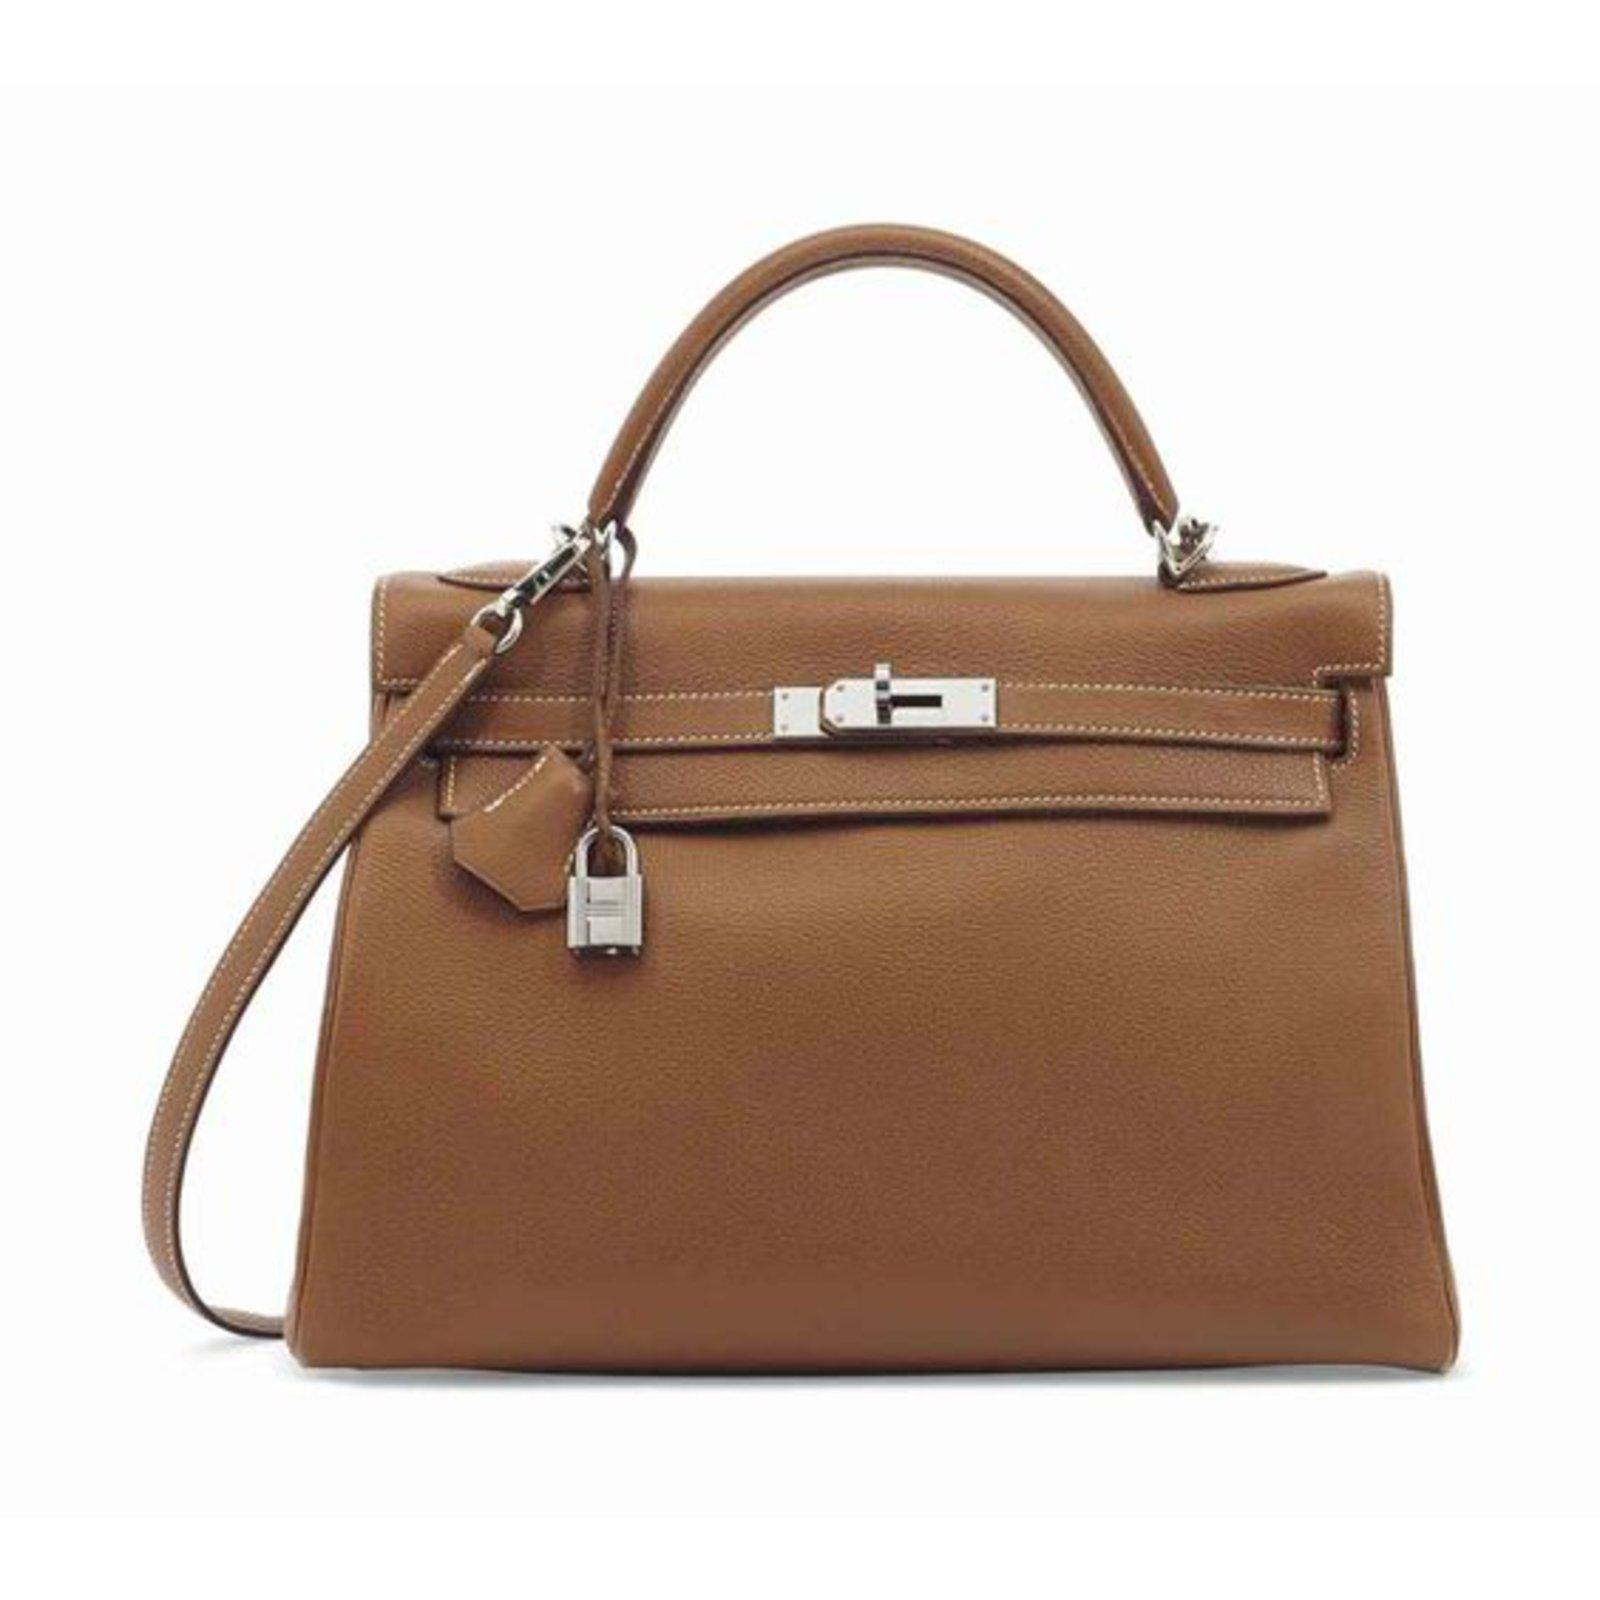 1bc3b61c6d75 418f8 52ab7 purchase sacs à main hermès magnifique sac hermes kelly 35 cm  cuir togo gold bijouterie palladium ...